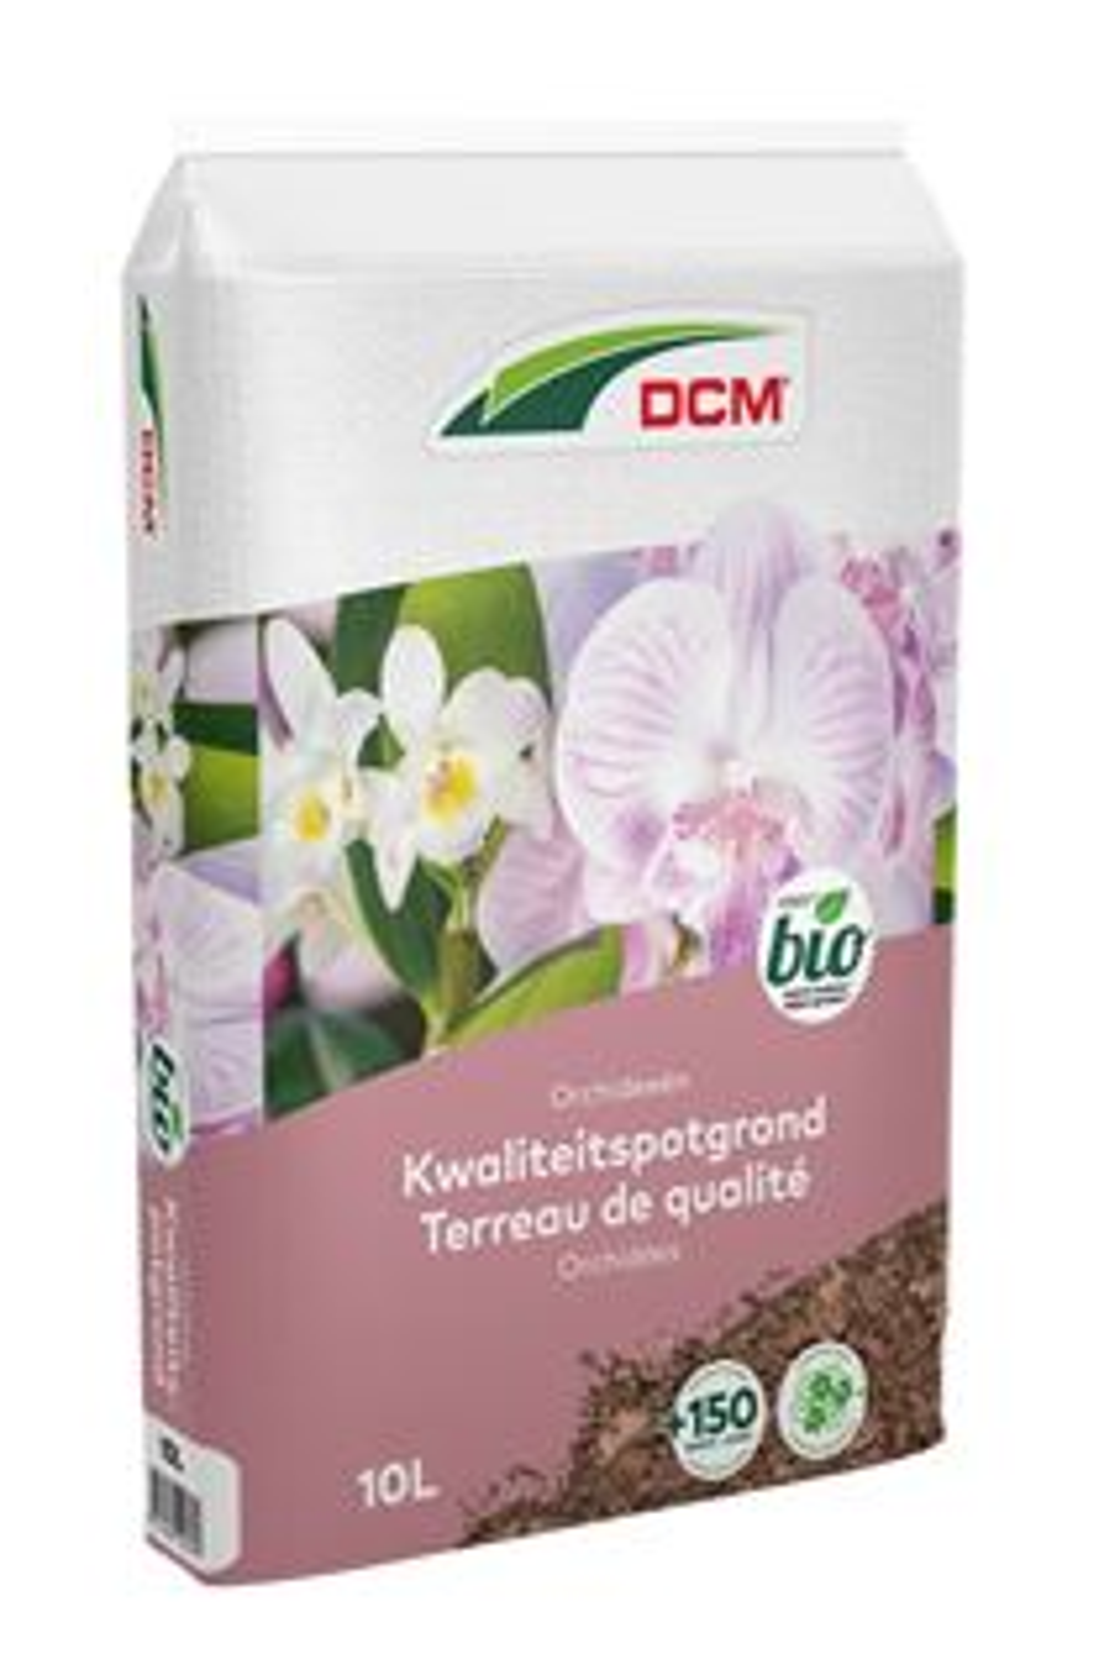 Ecoterra-potgrond-voor-orchideeen-10L-bio-inclusief-meststof